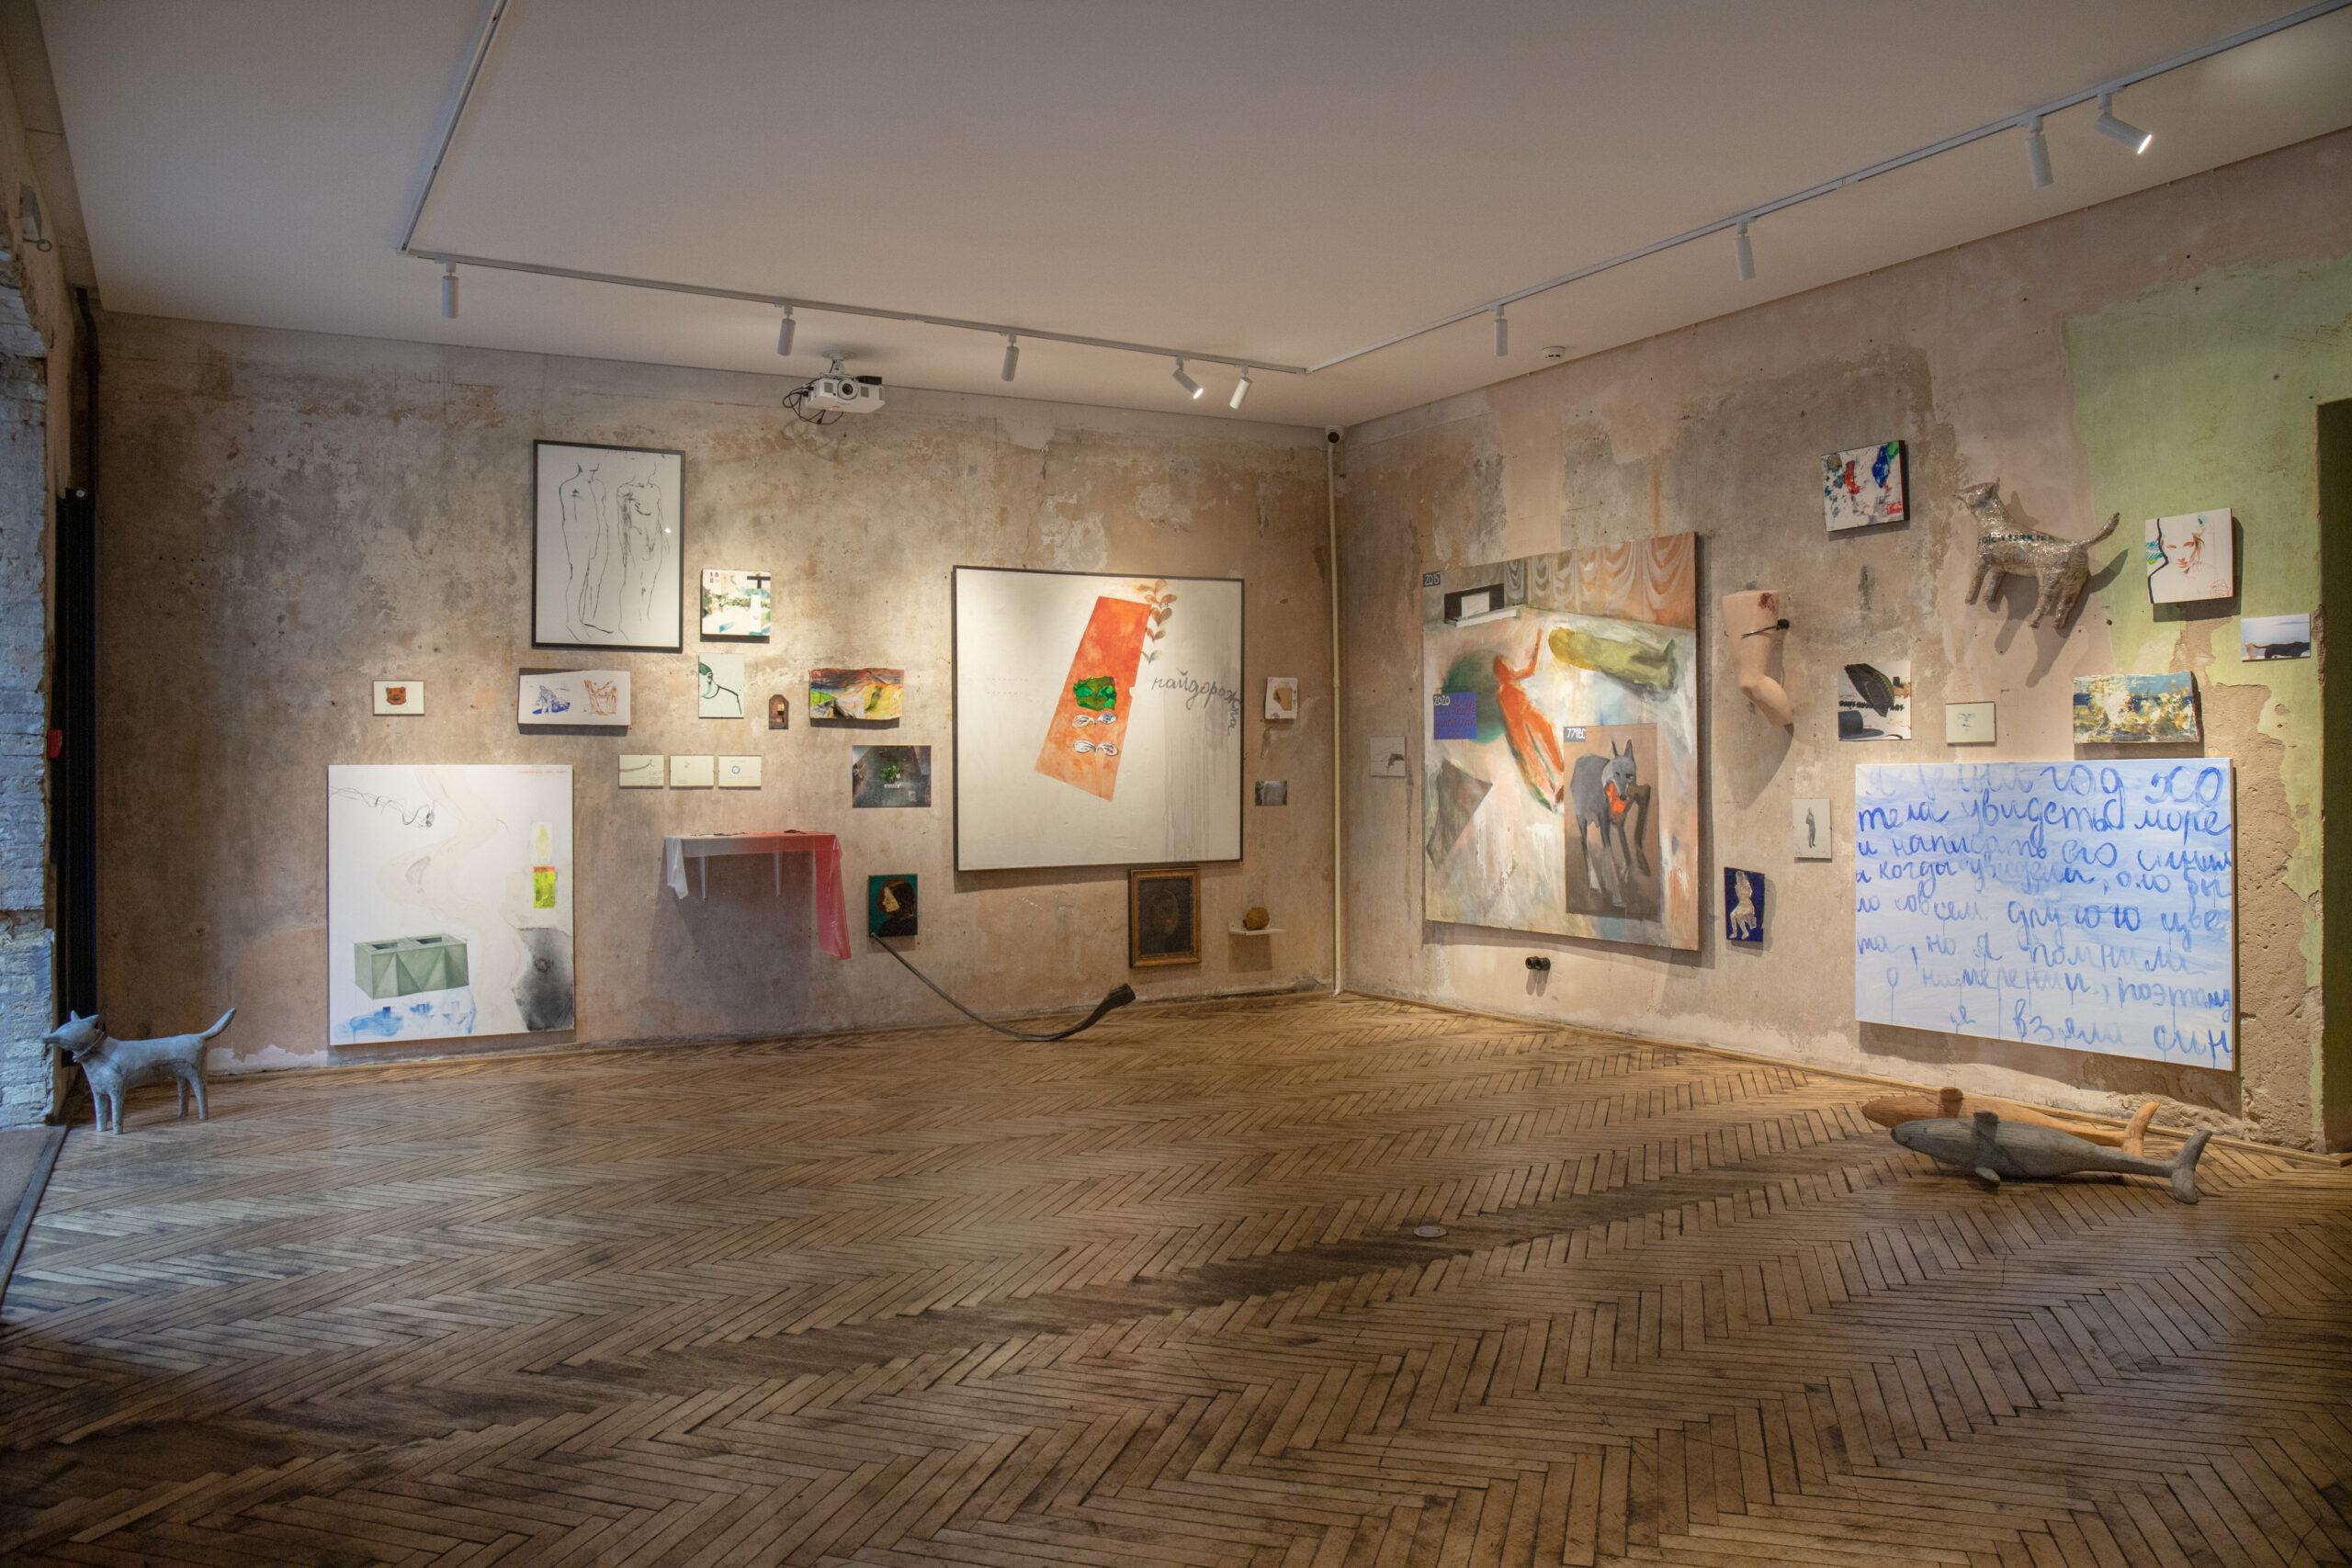 Загальний вид експозиції «Дуже персональна виставка» Каті Бучацької, 2020. Фото Євгена Нікіфорова